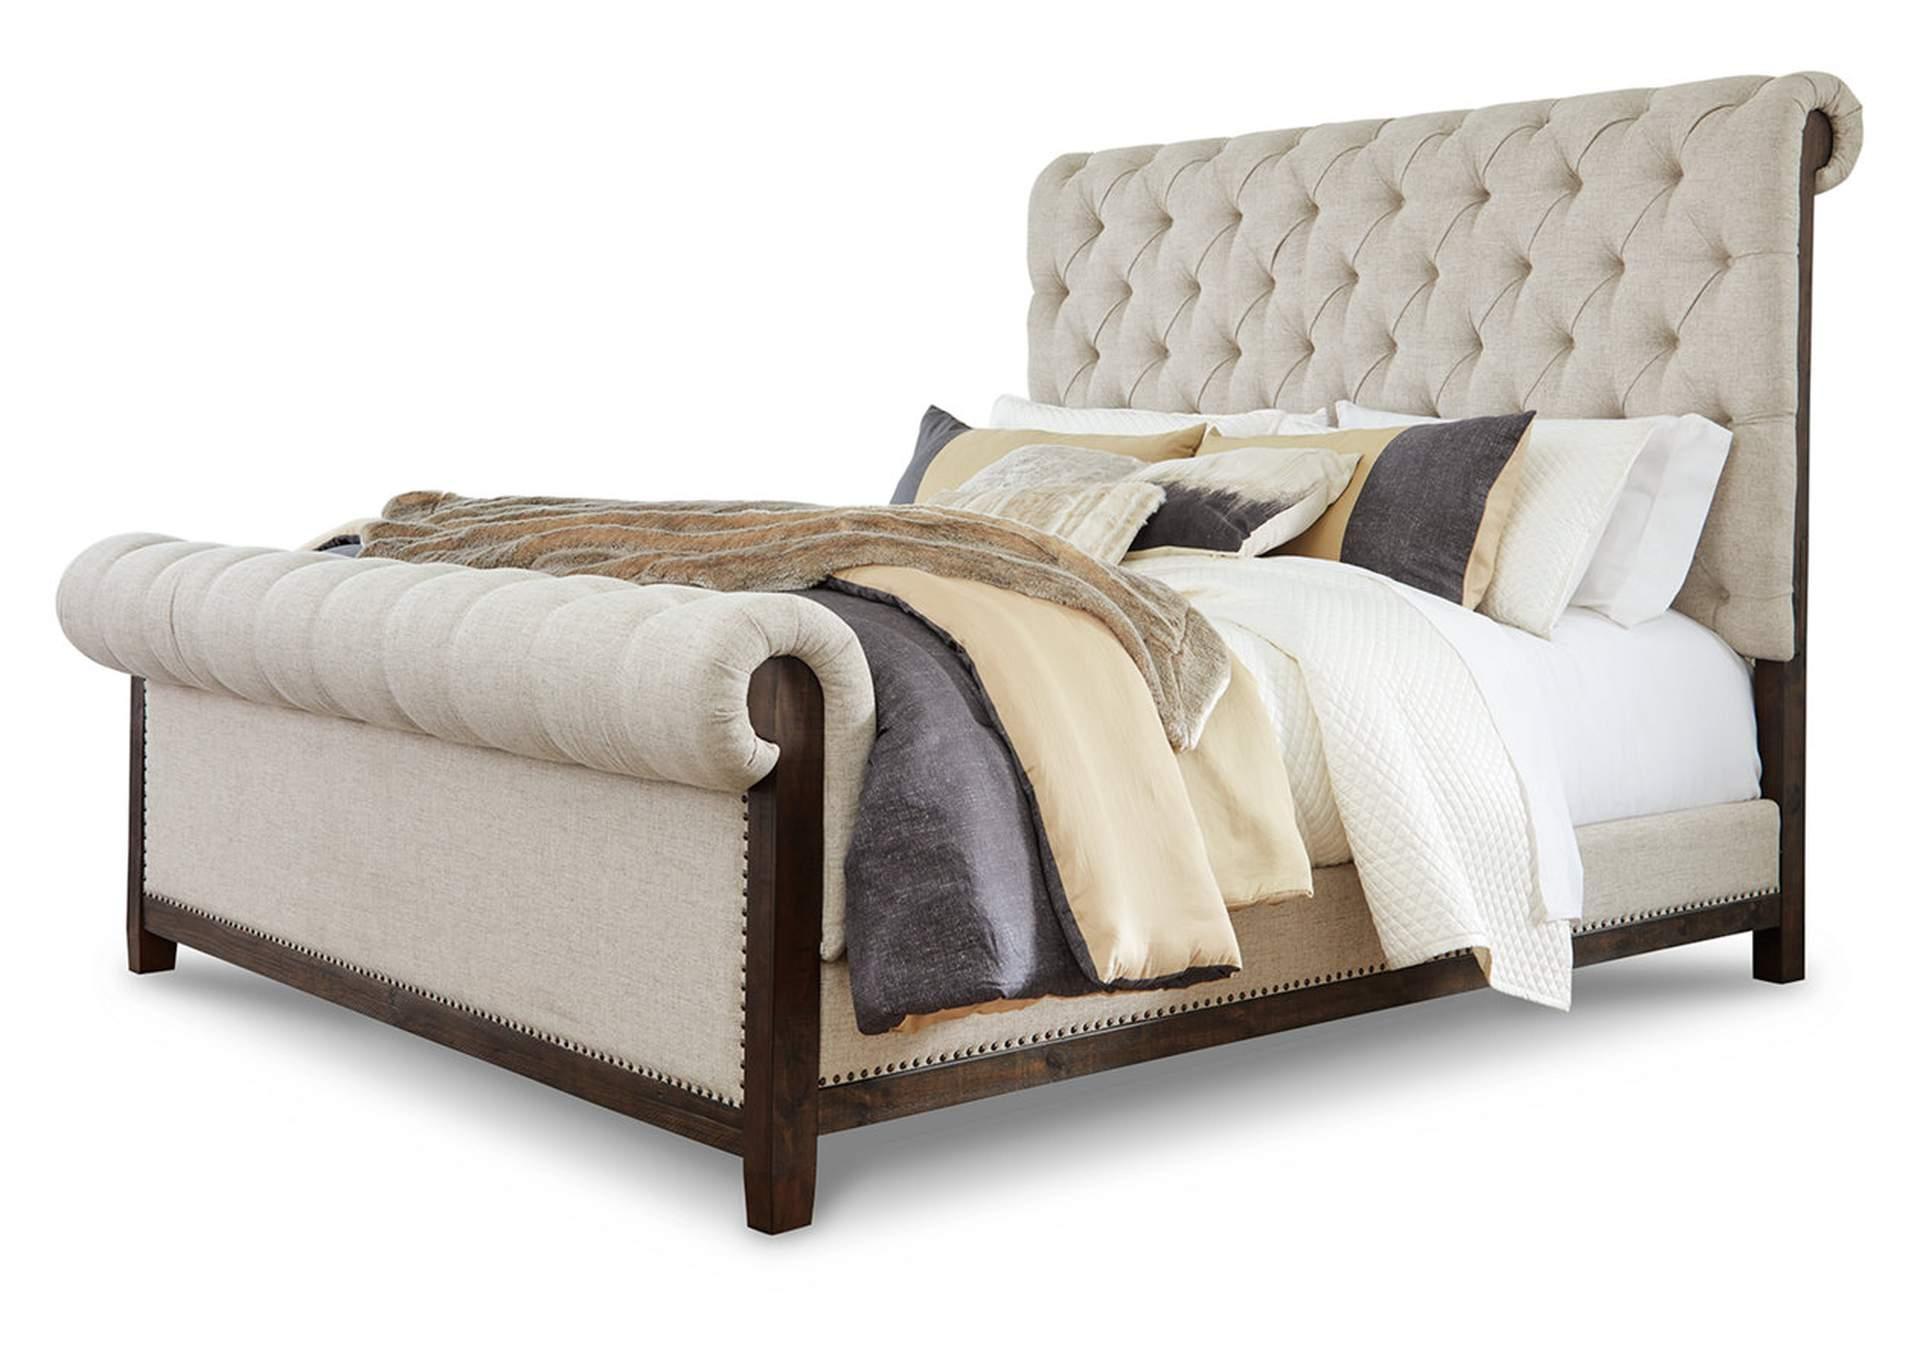 Hillcott King Upholstered Bed